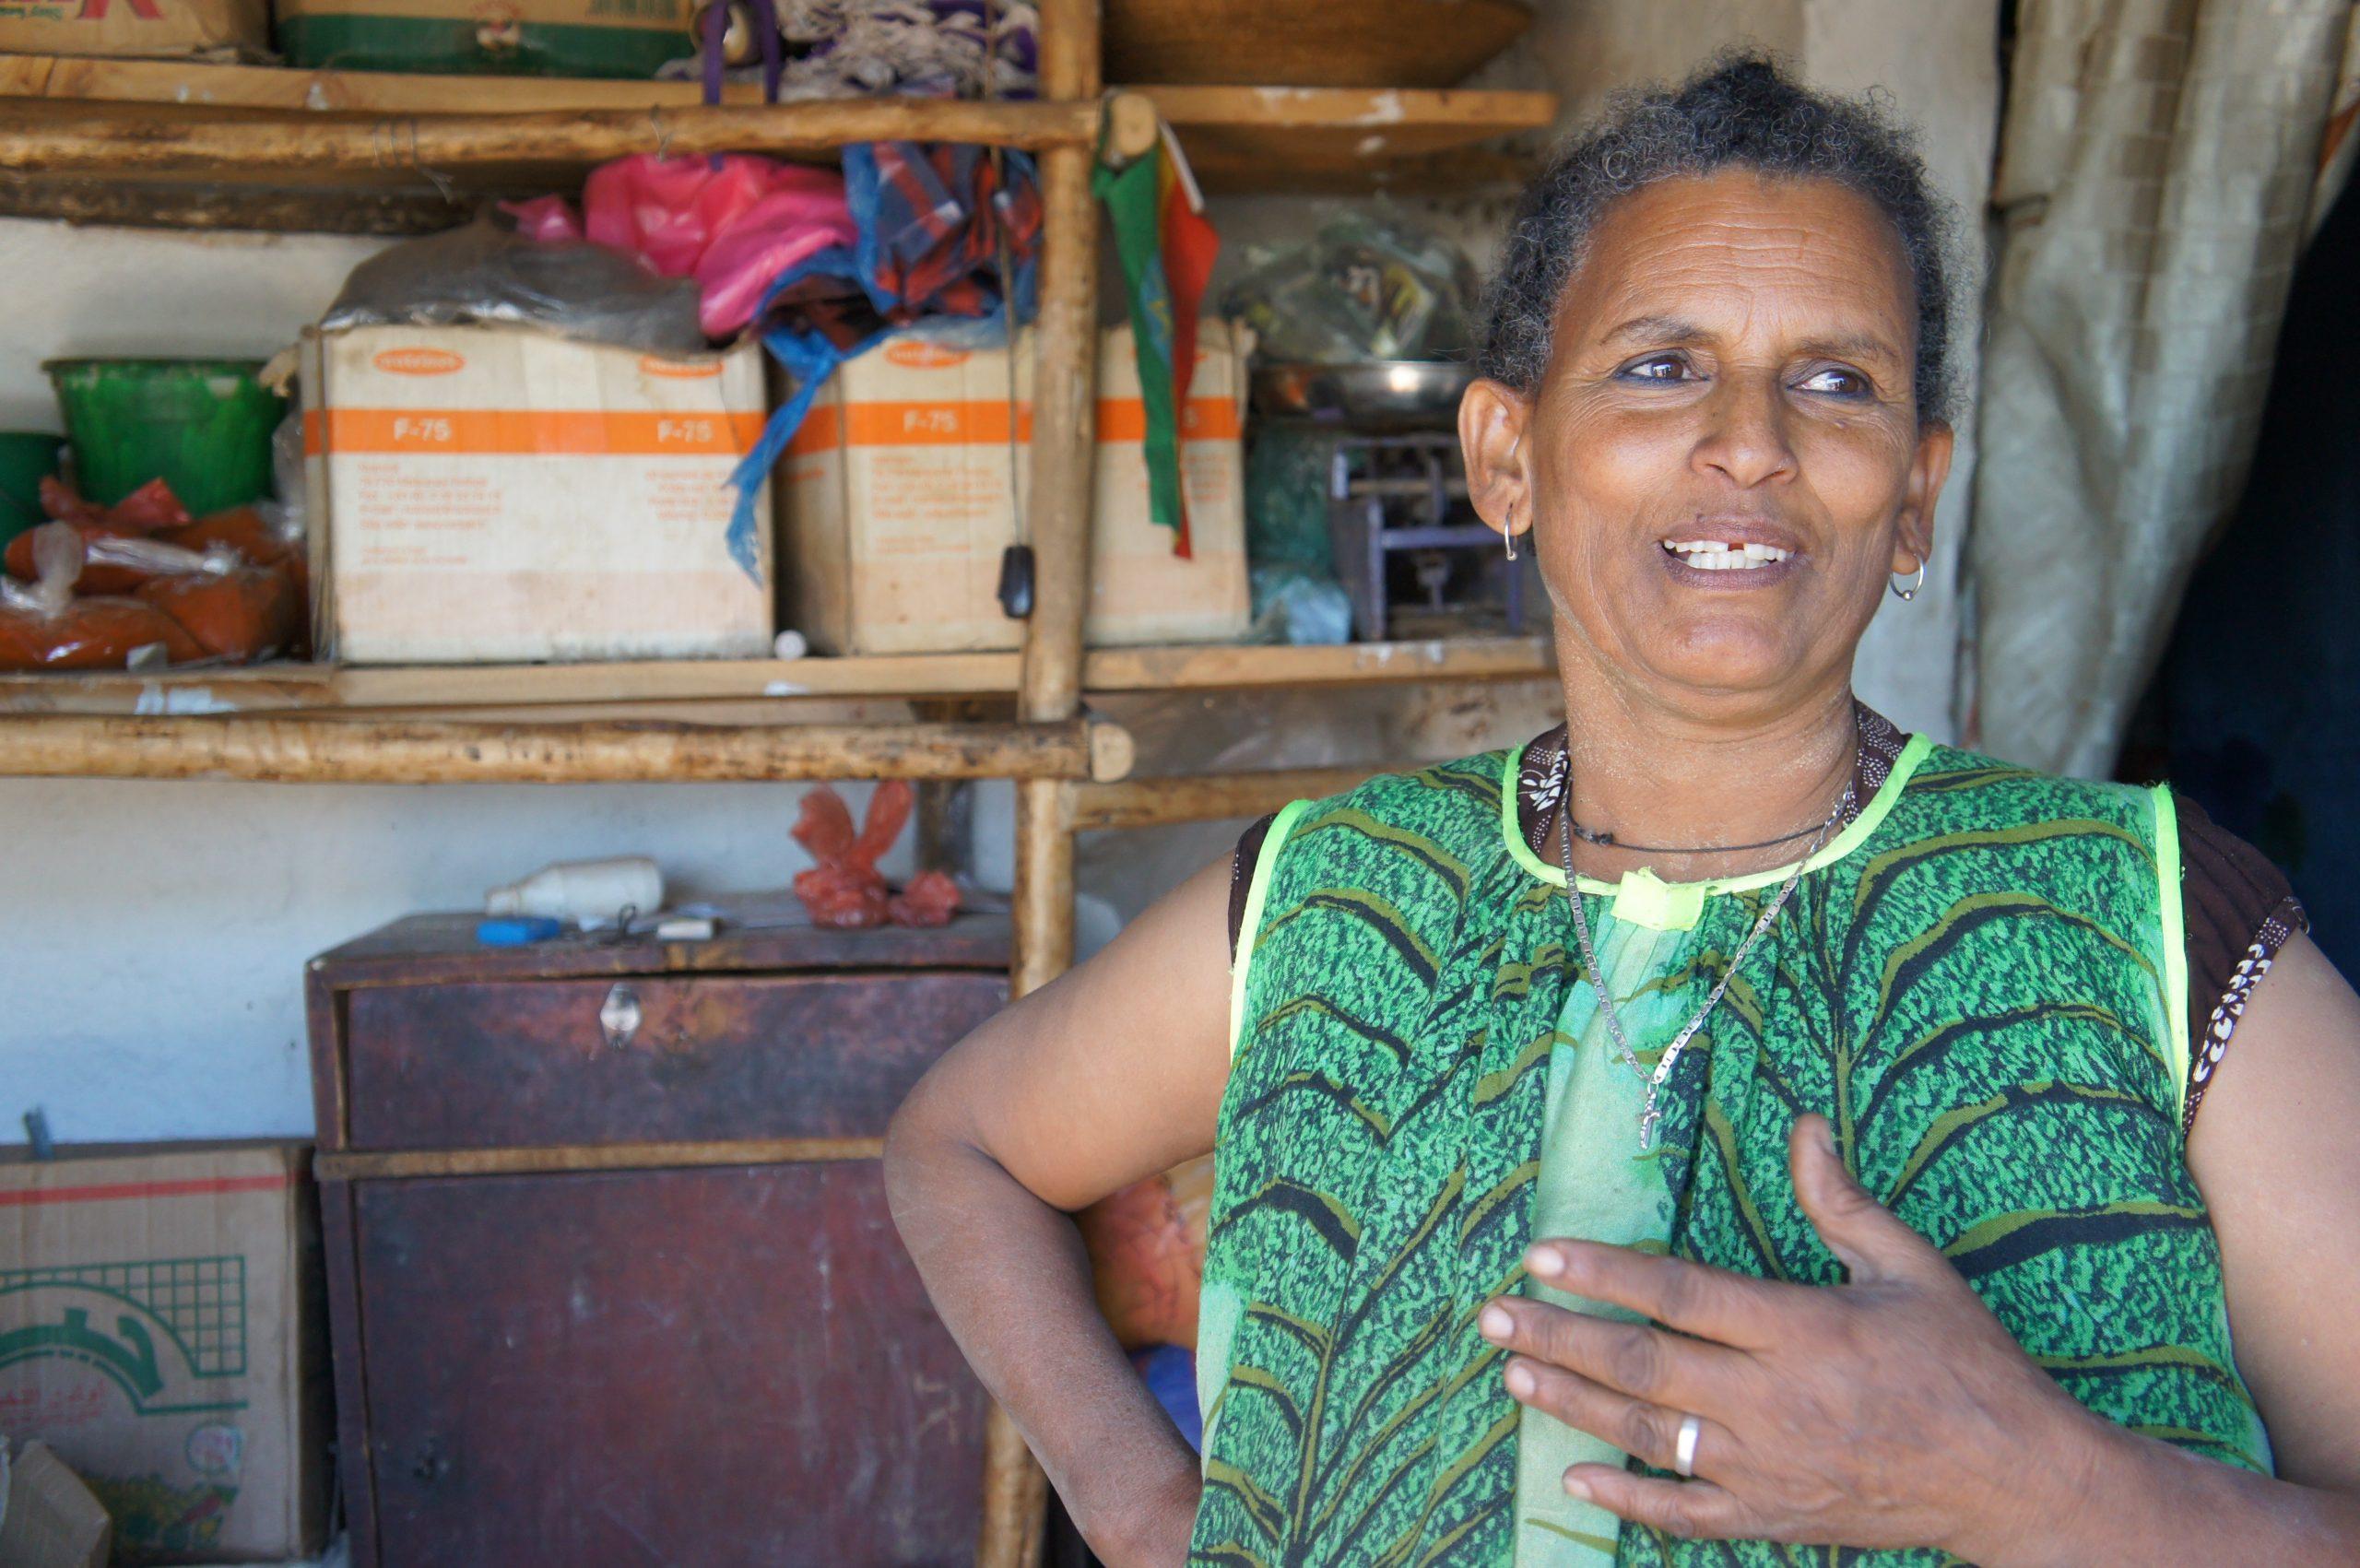 «Die Hilfe von SOS-Kinderdorf hat sich nicht nur für mich, sondern vor allem auch für Birbane und Tizita gelohnt. Ich bin mir sicher, dass beide ihren Weg gehen.» Amara (58), Grossmutter von Tizita und Birbane